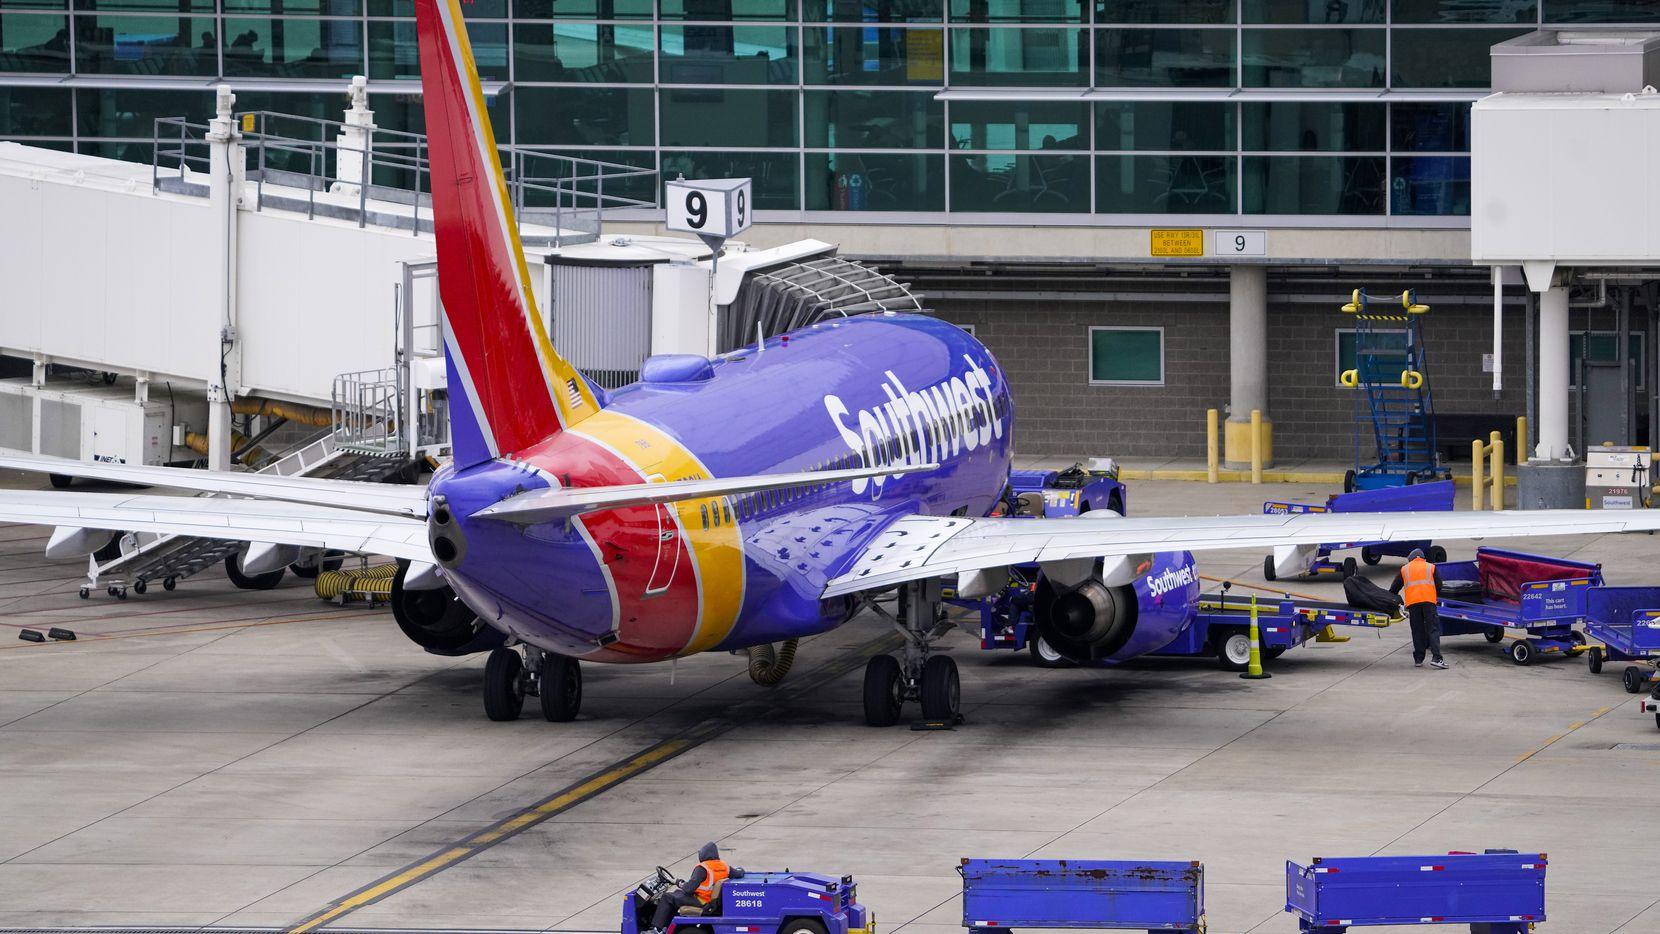 Un avión 737 de Southwest en el Aeropuerto Dallas Love Field. La aerolínea sufrió el peor año en su existencia con pérdidas de $3,900 millones.